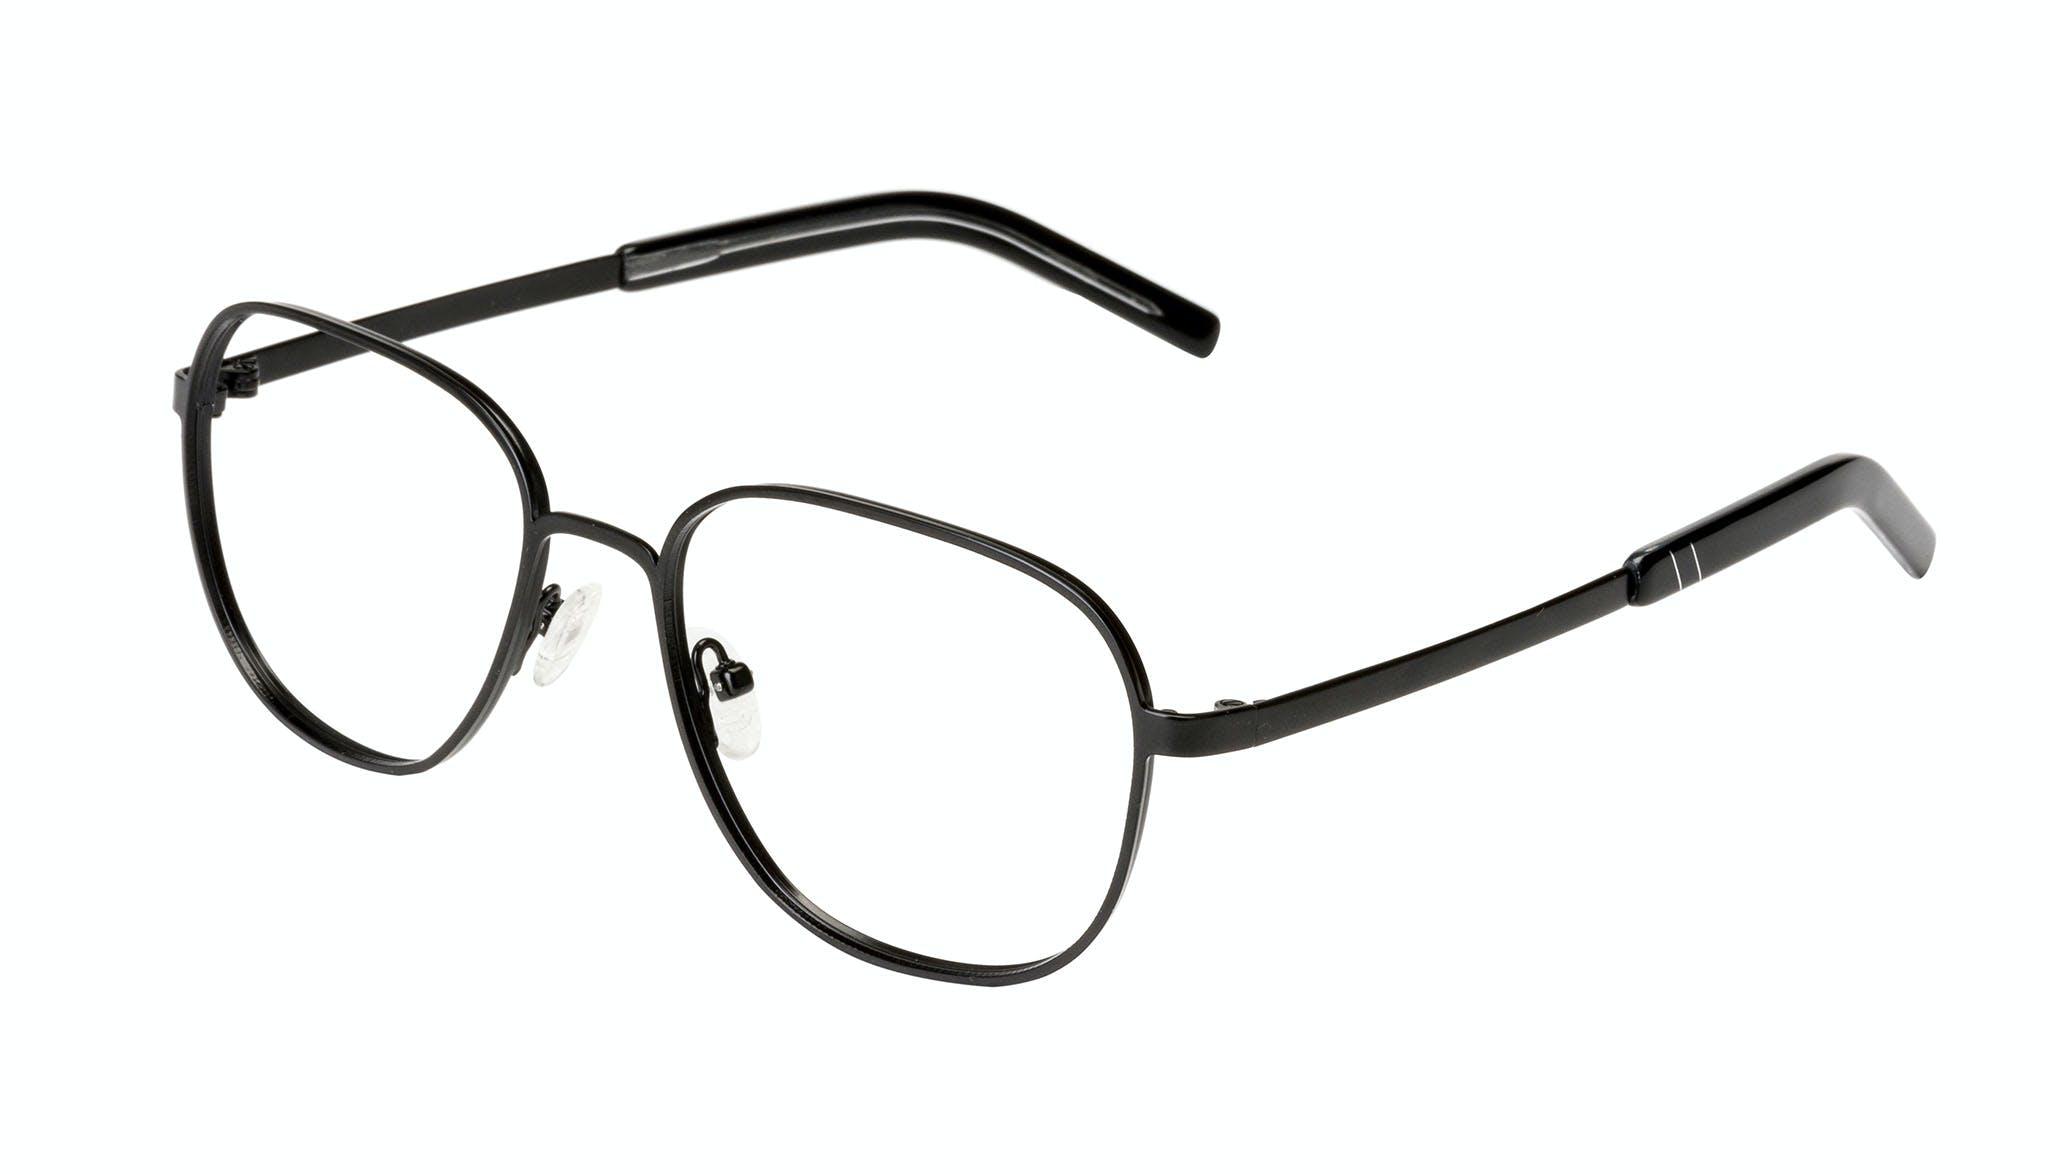 Affordable Fashion Glasses Rectangle Square Eyeglasses Men Line Black Matte Tilt